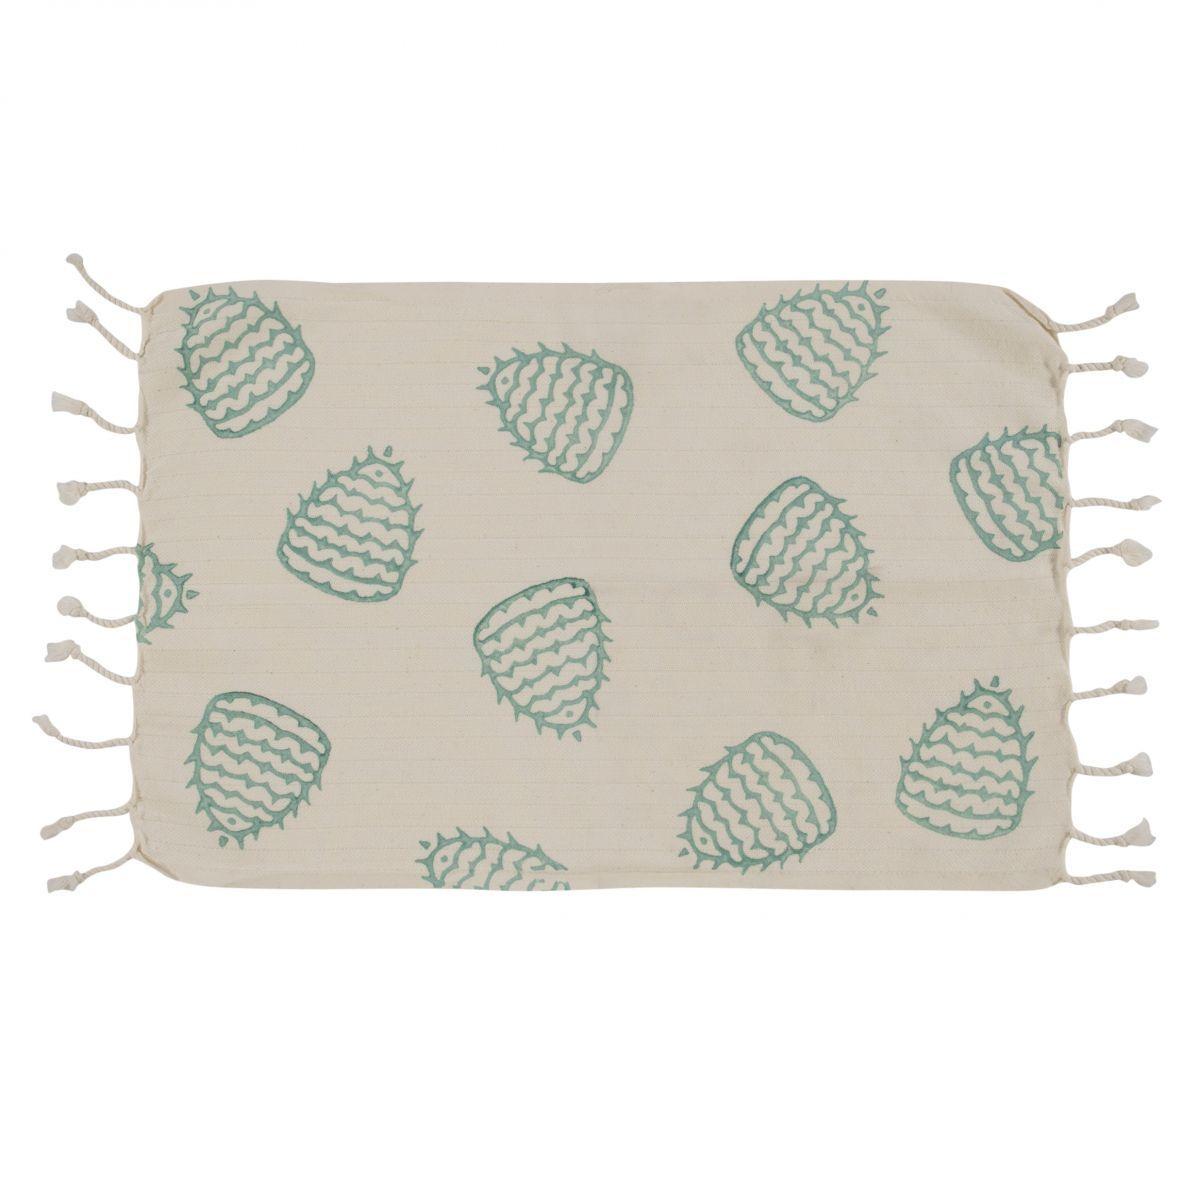 Peshkir Mini Towel - Hand Printed 05 / Mint (30x50)